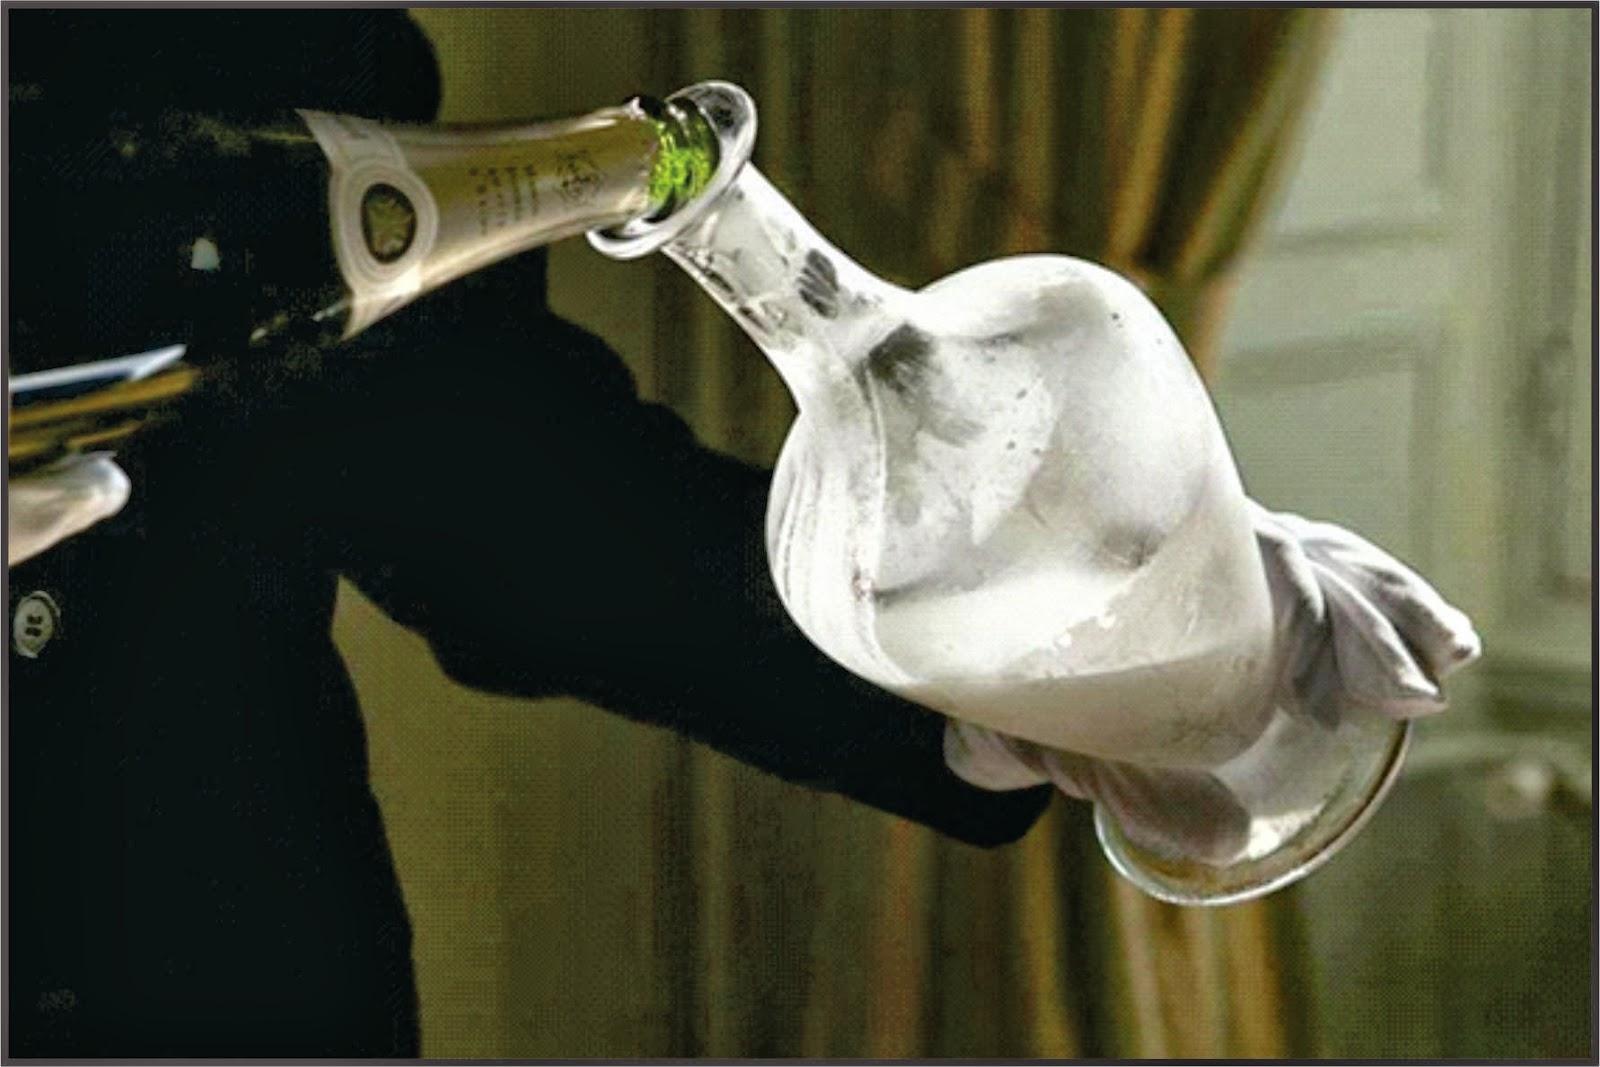 8c1120a3d Agora foi a vez de meu amigo Peter Wolffenbuttel do blog Alem do vinho que  traz outra novidade anunciada mundialmente  o decanter para oxigenar  espumantes.